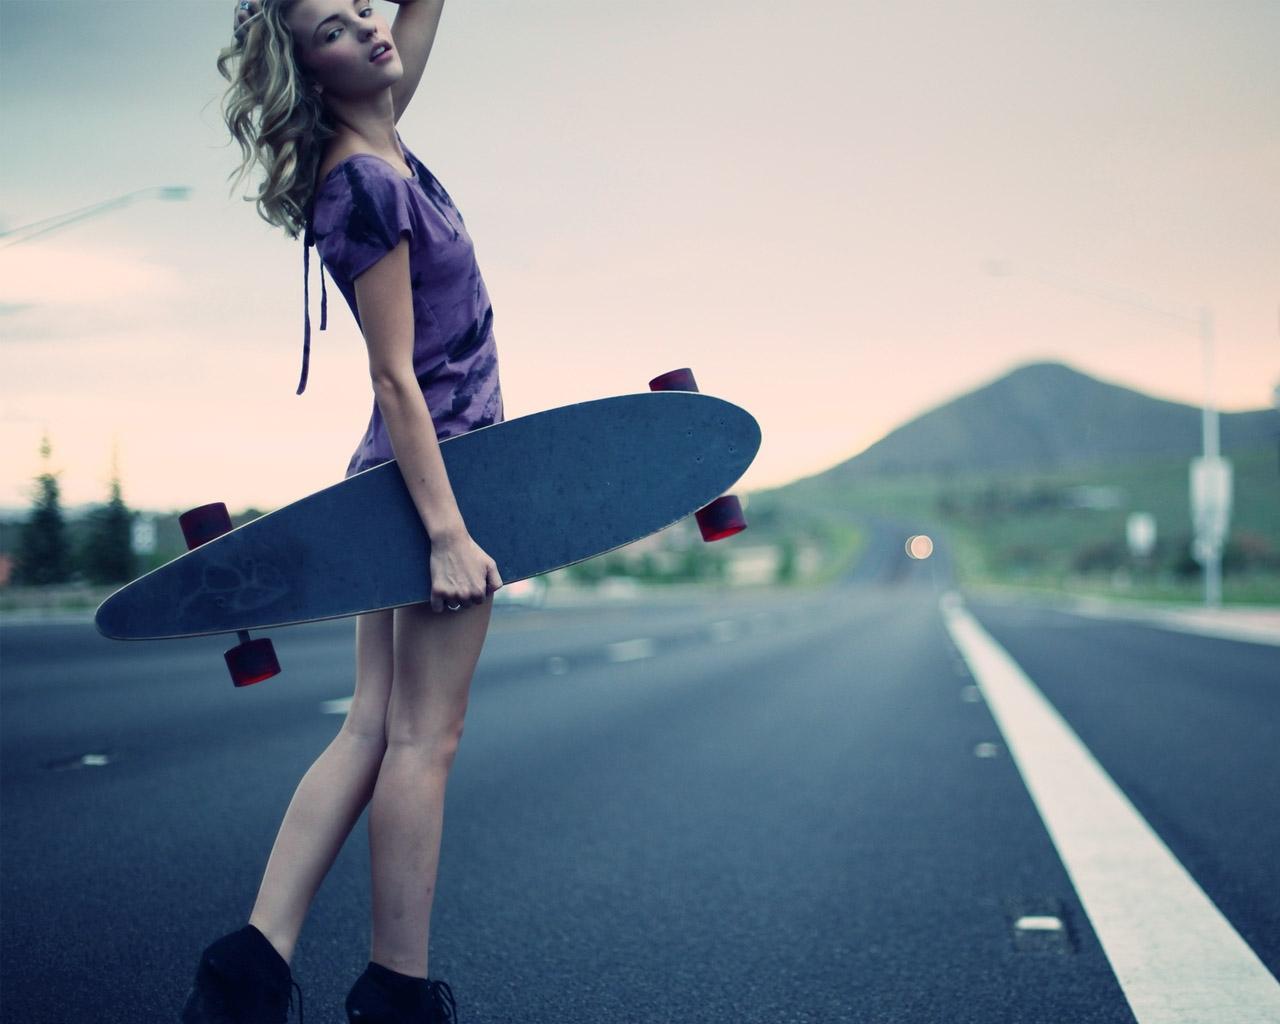 Penny Skateboards Girl Wallpaper Longboard Wallpaper 1280x1024 52901